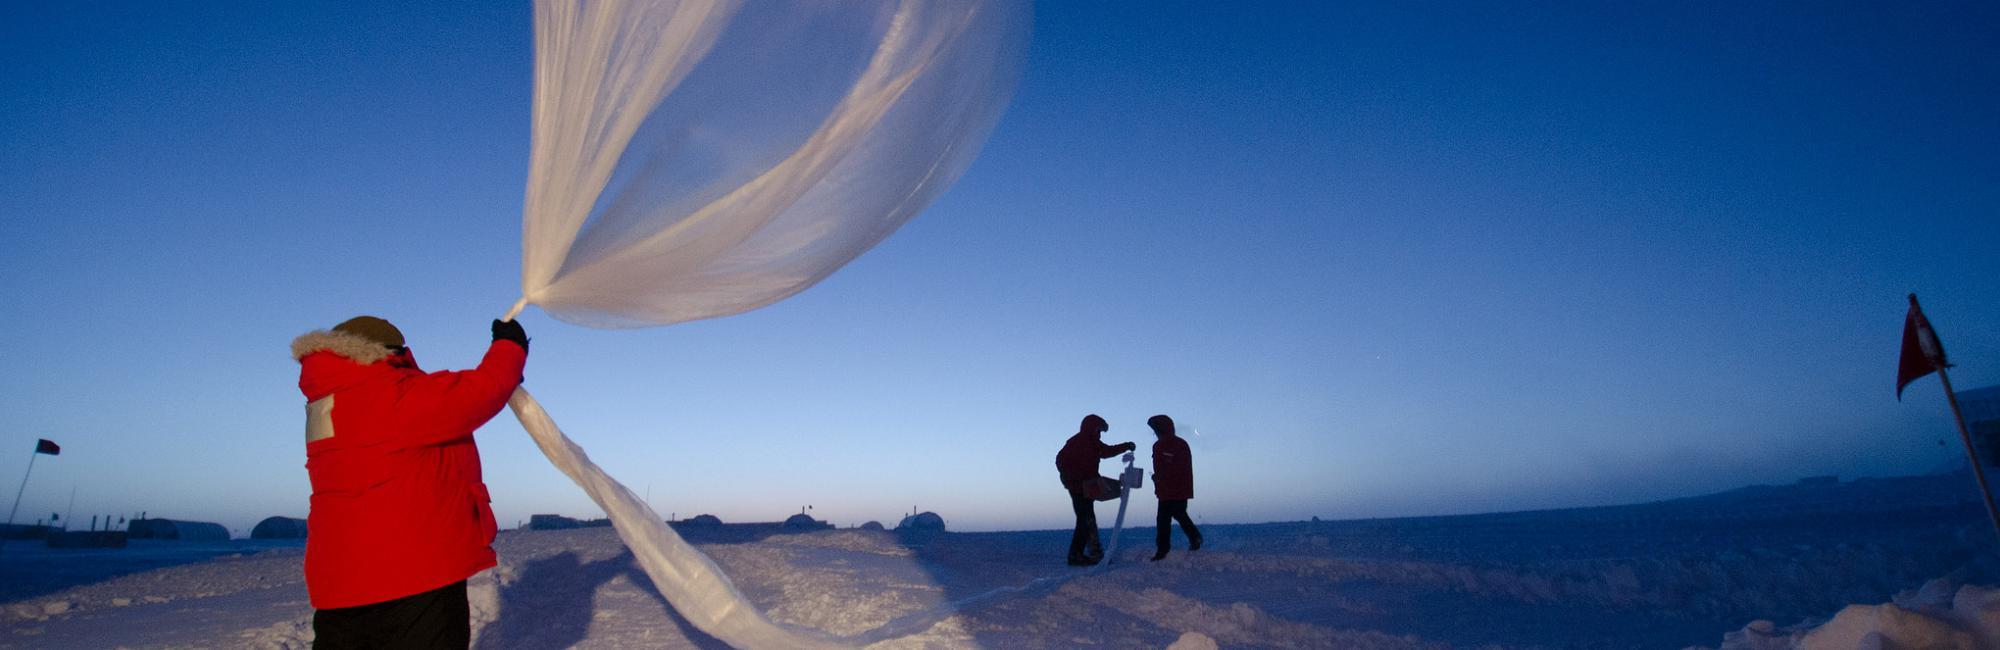 Ozone Balloon